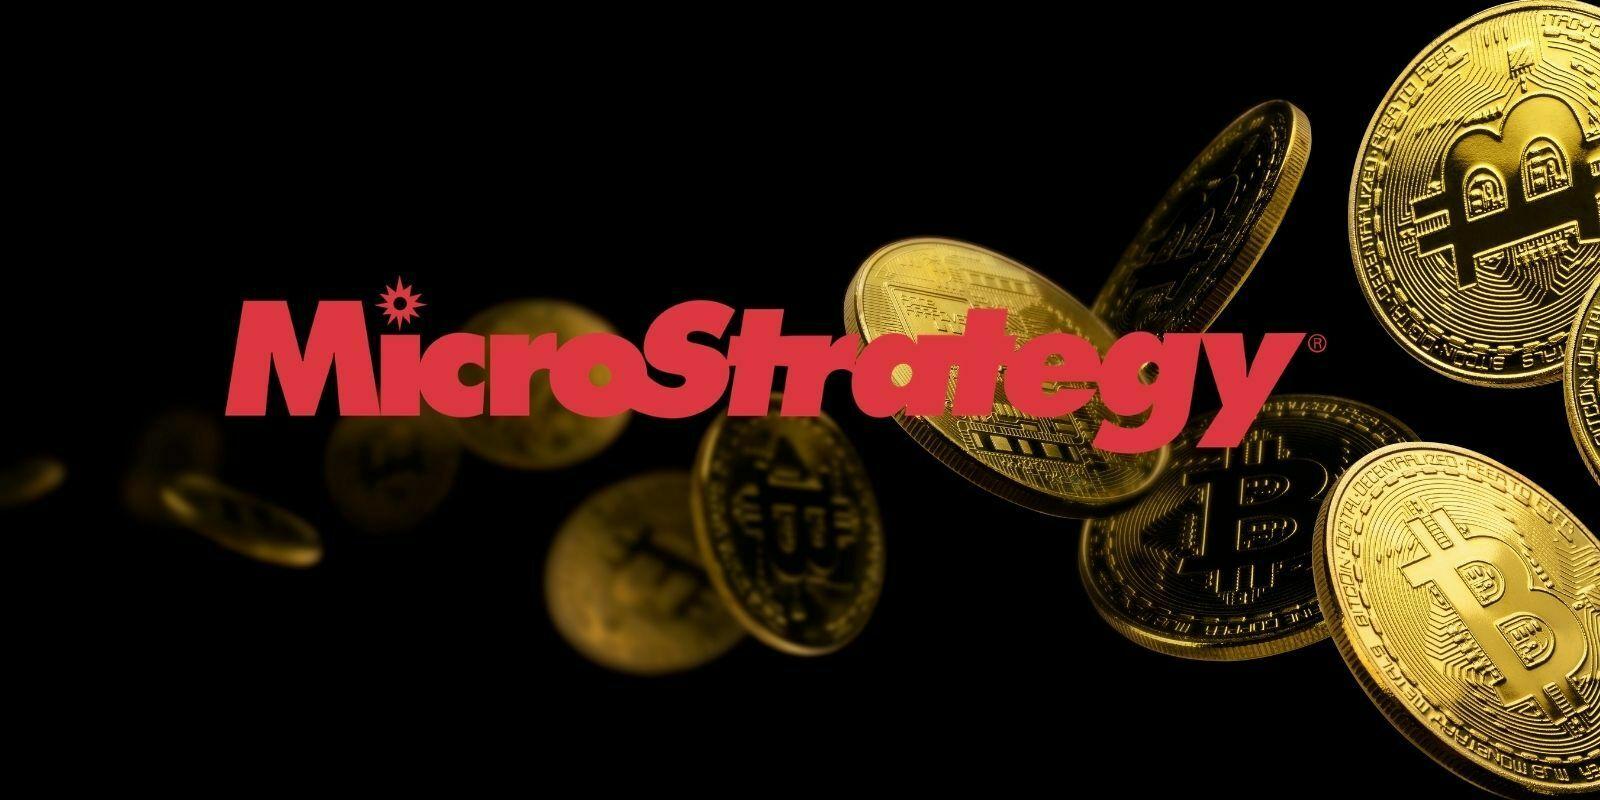 L'entreprise MicroStrategy paie désormais son conseil d'administration en Bitcoin (BTC)